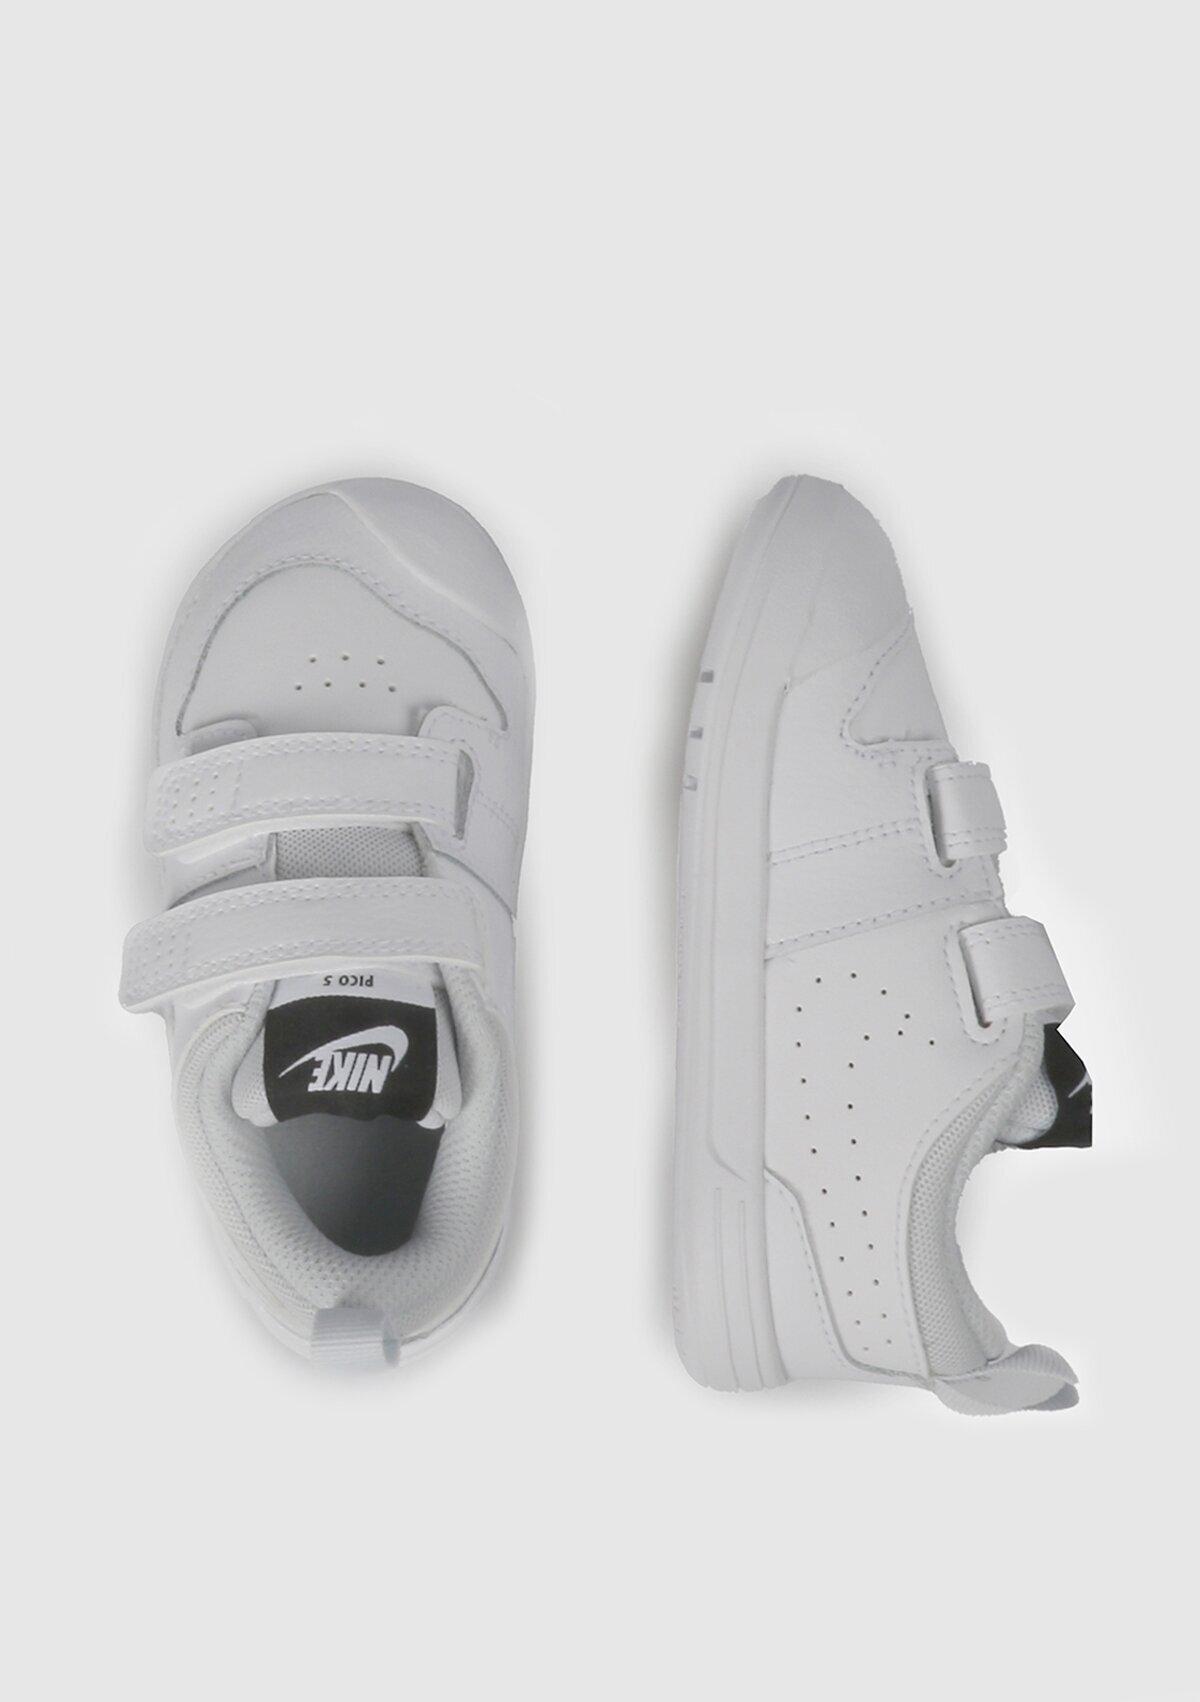 resm Pico 5 Beyaz Unisex Spor Ayakkabısı Ar4162-100